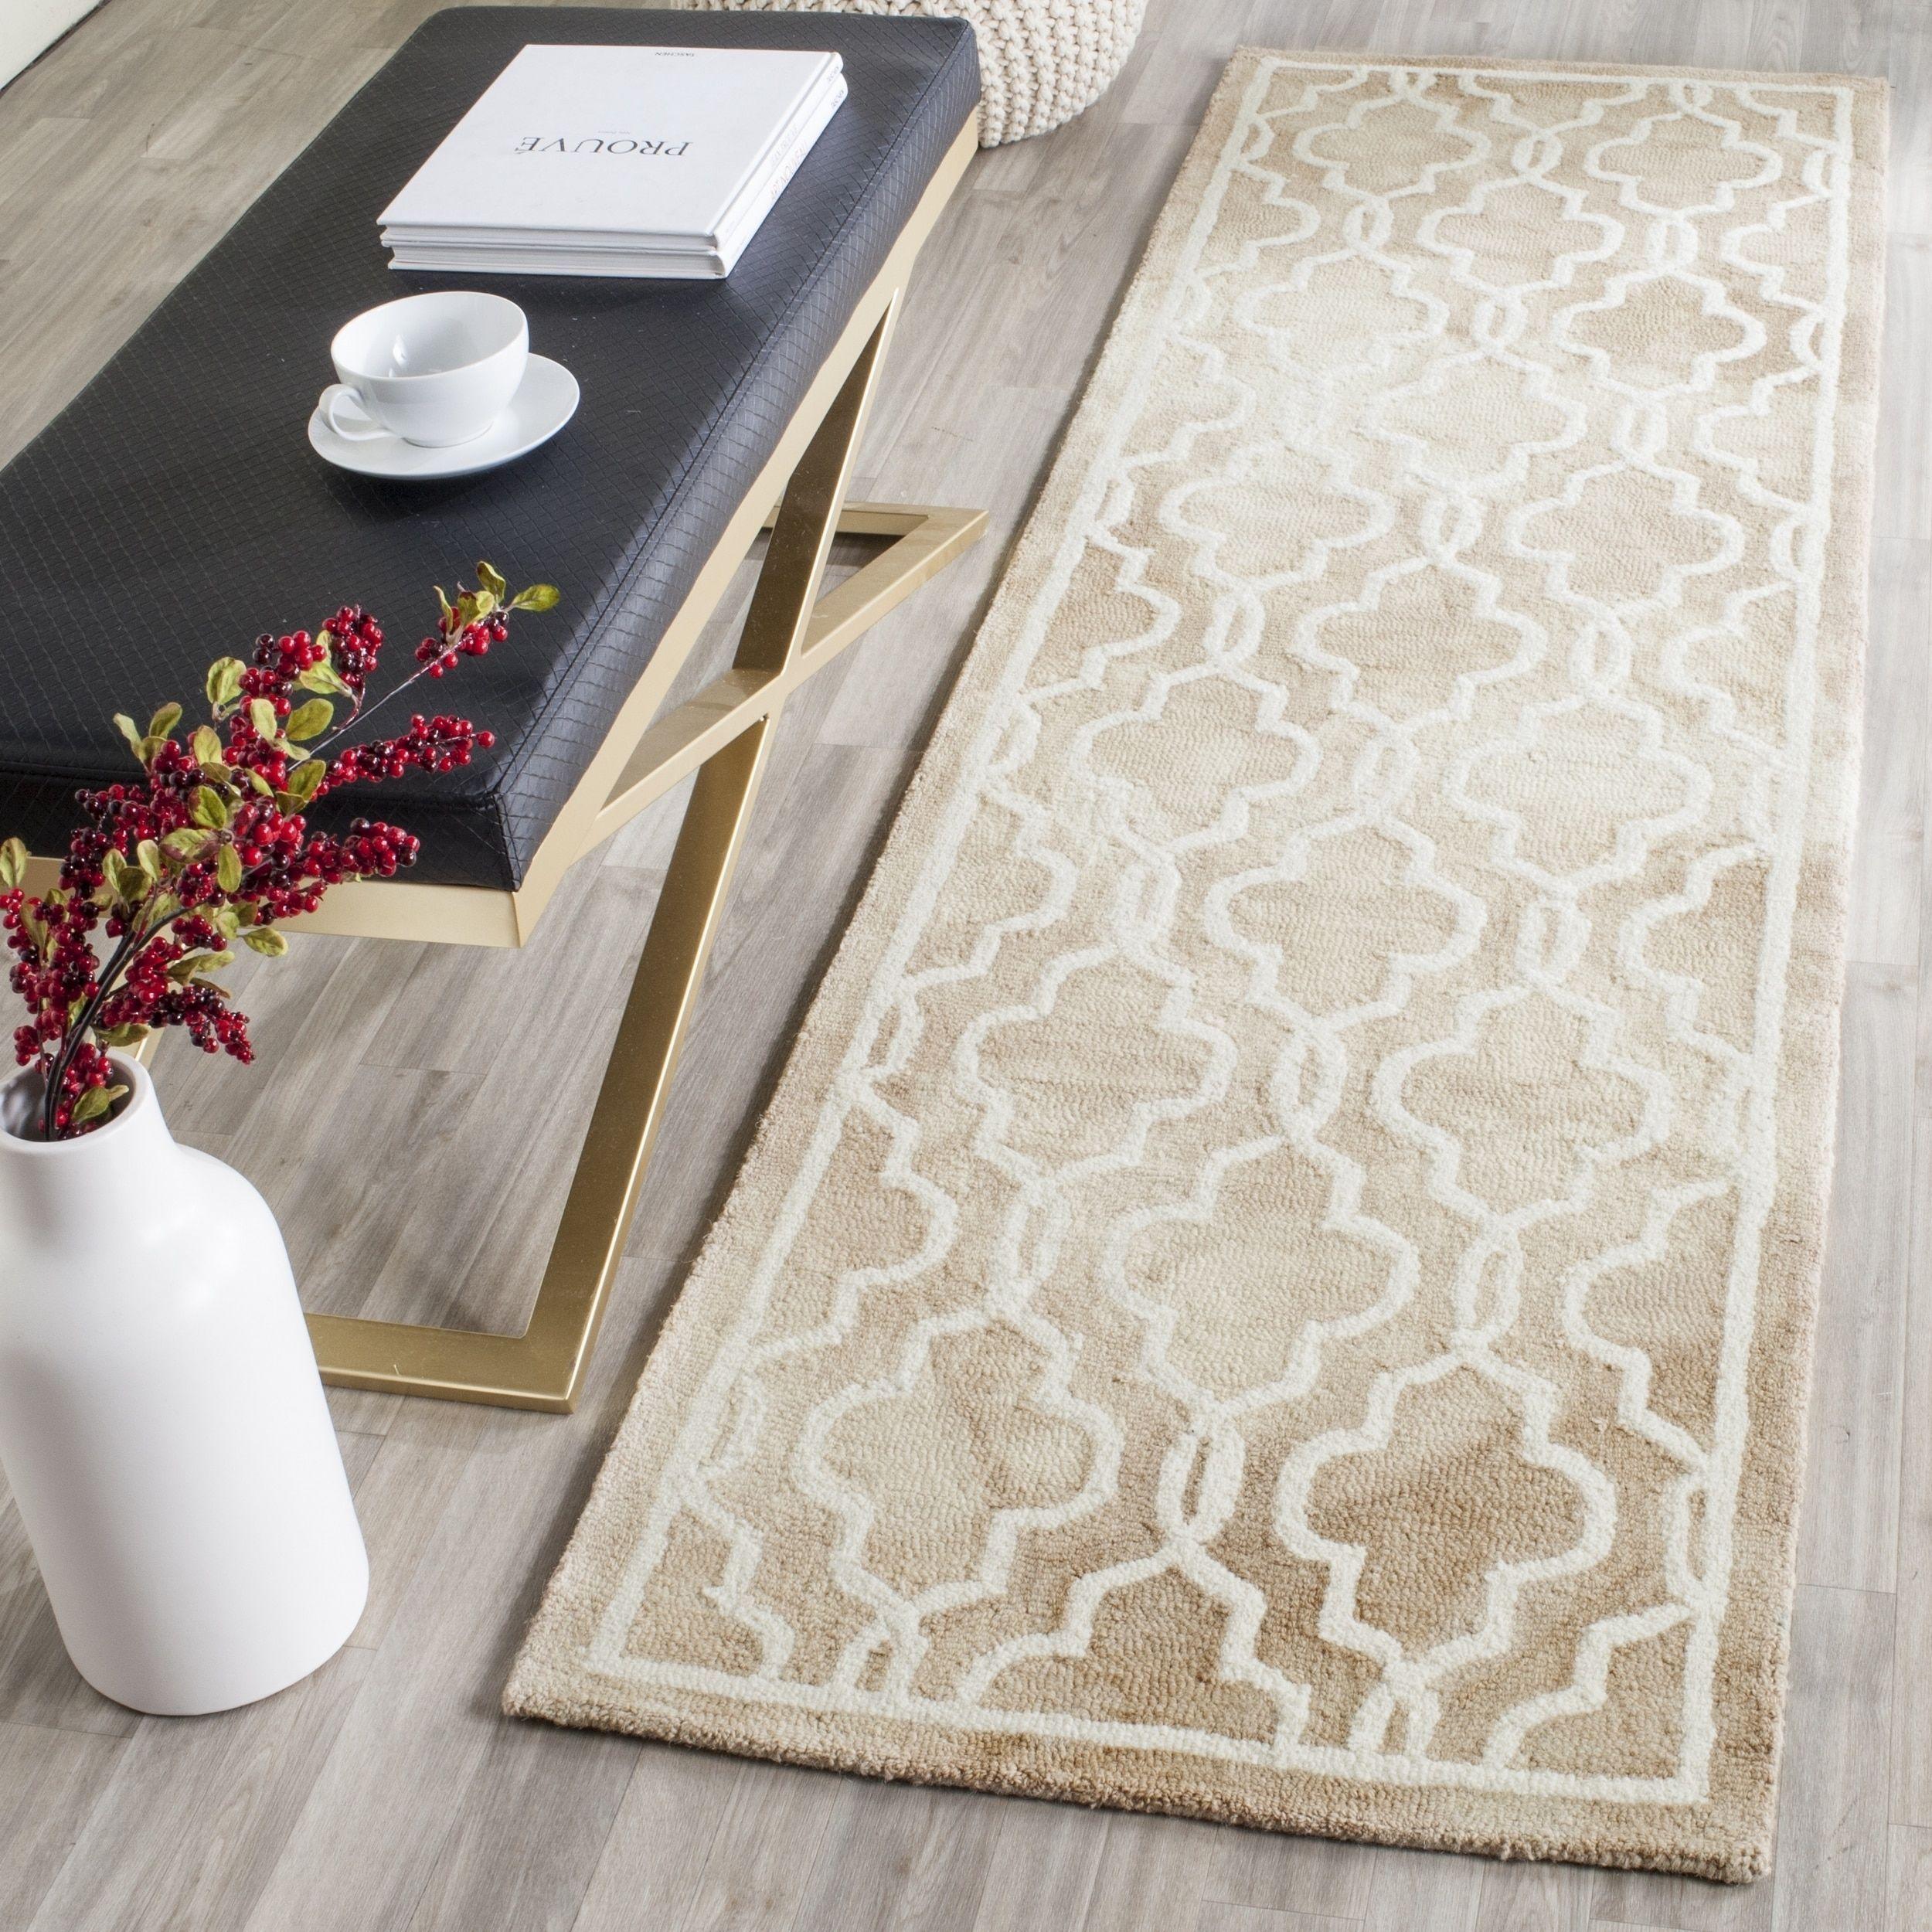 Safavieh handmade dip dye watercolor vintage beige ivory wool rug